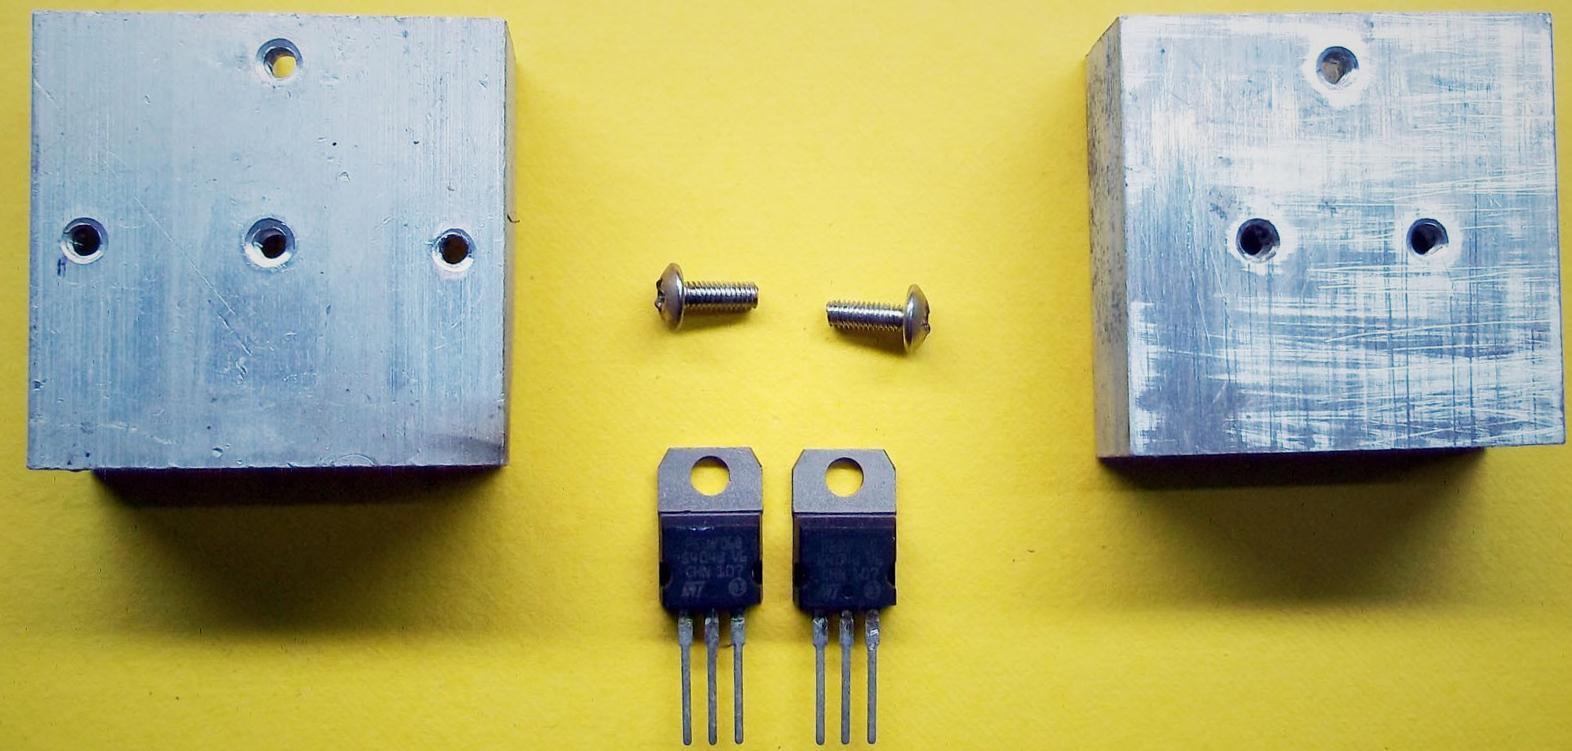 Использование драйвера ключей нижнего и верхнего уровней IR2110 — объяснение и примеры схем